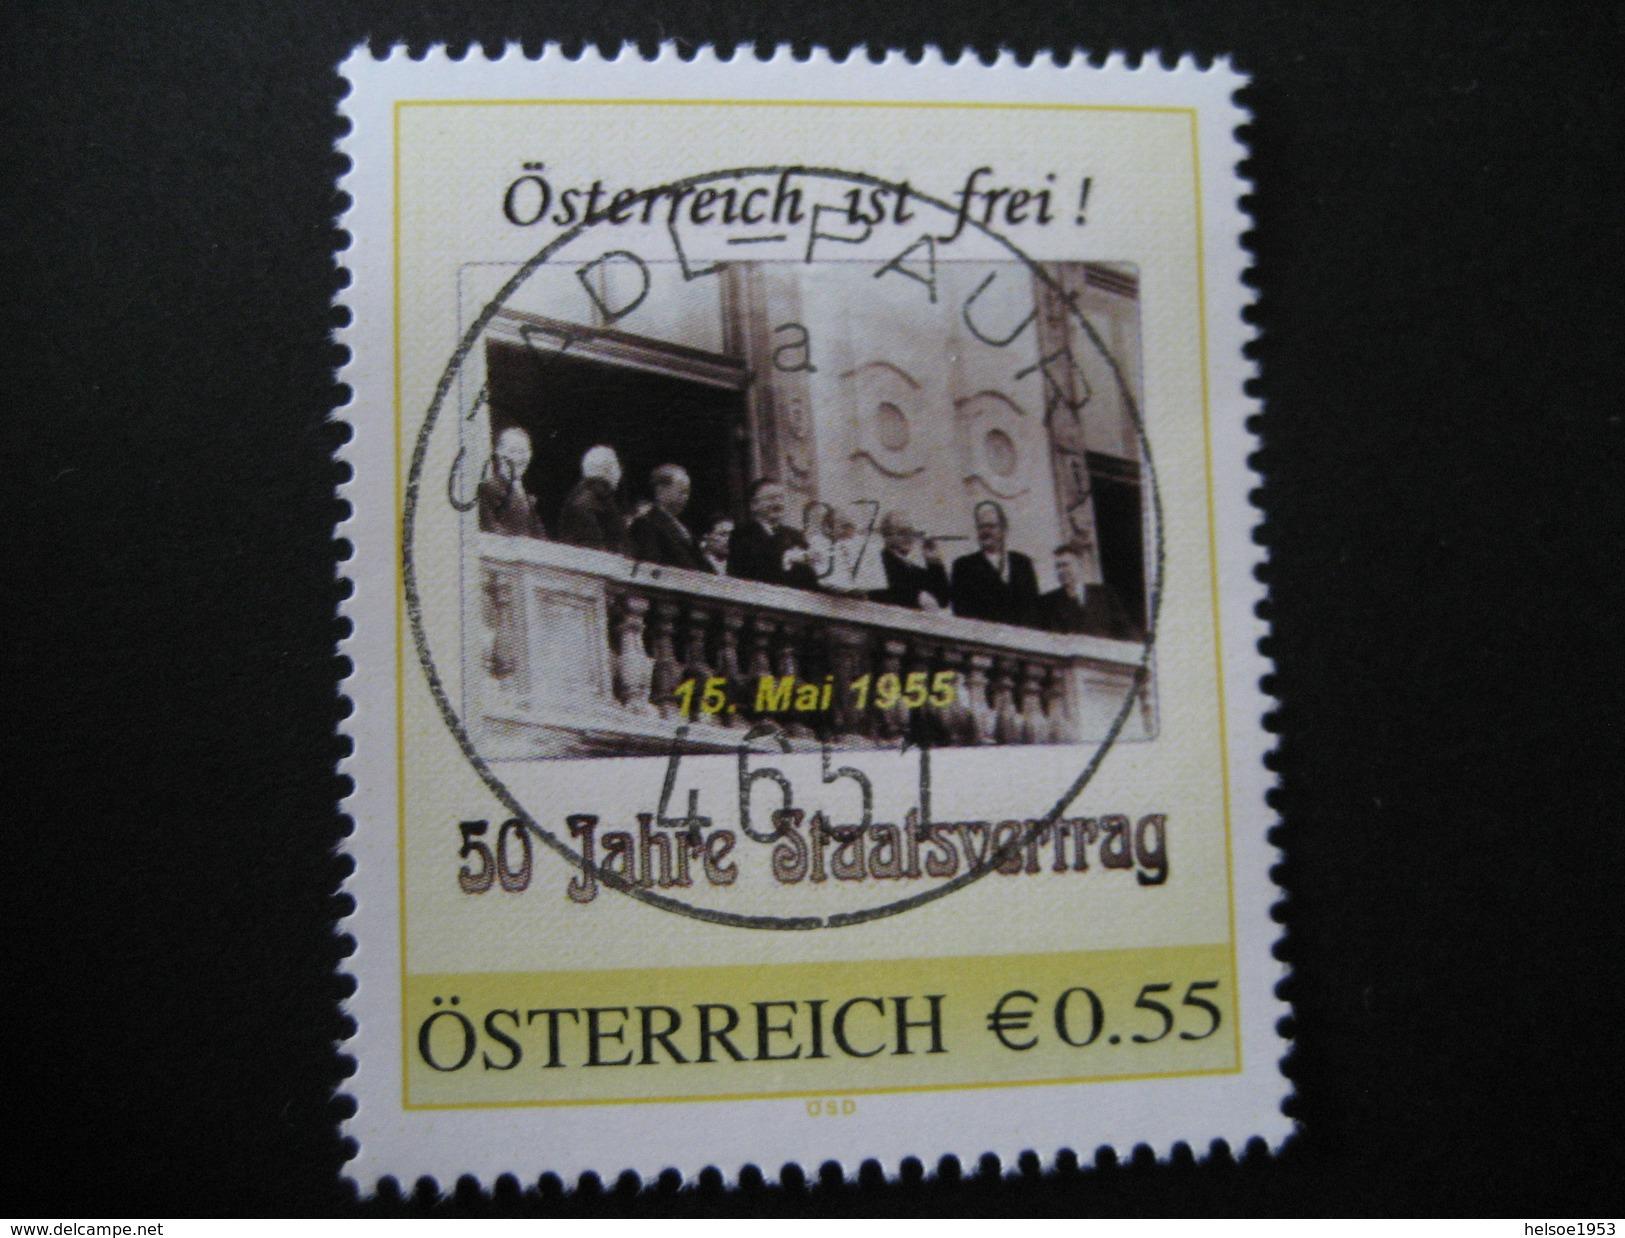 PM 8005016 50 Jahre Staatsvertrag Gestempelt Stadl Paura - Österreich